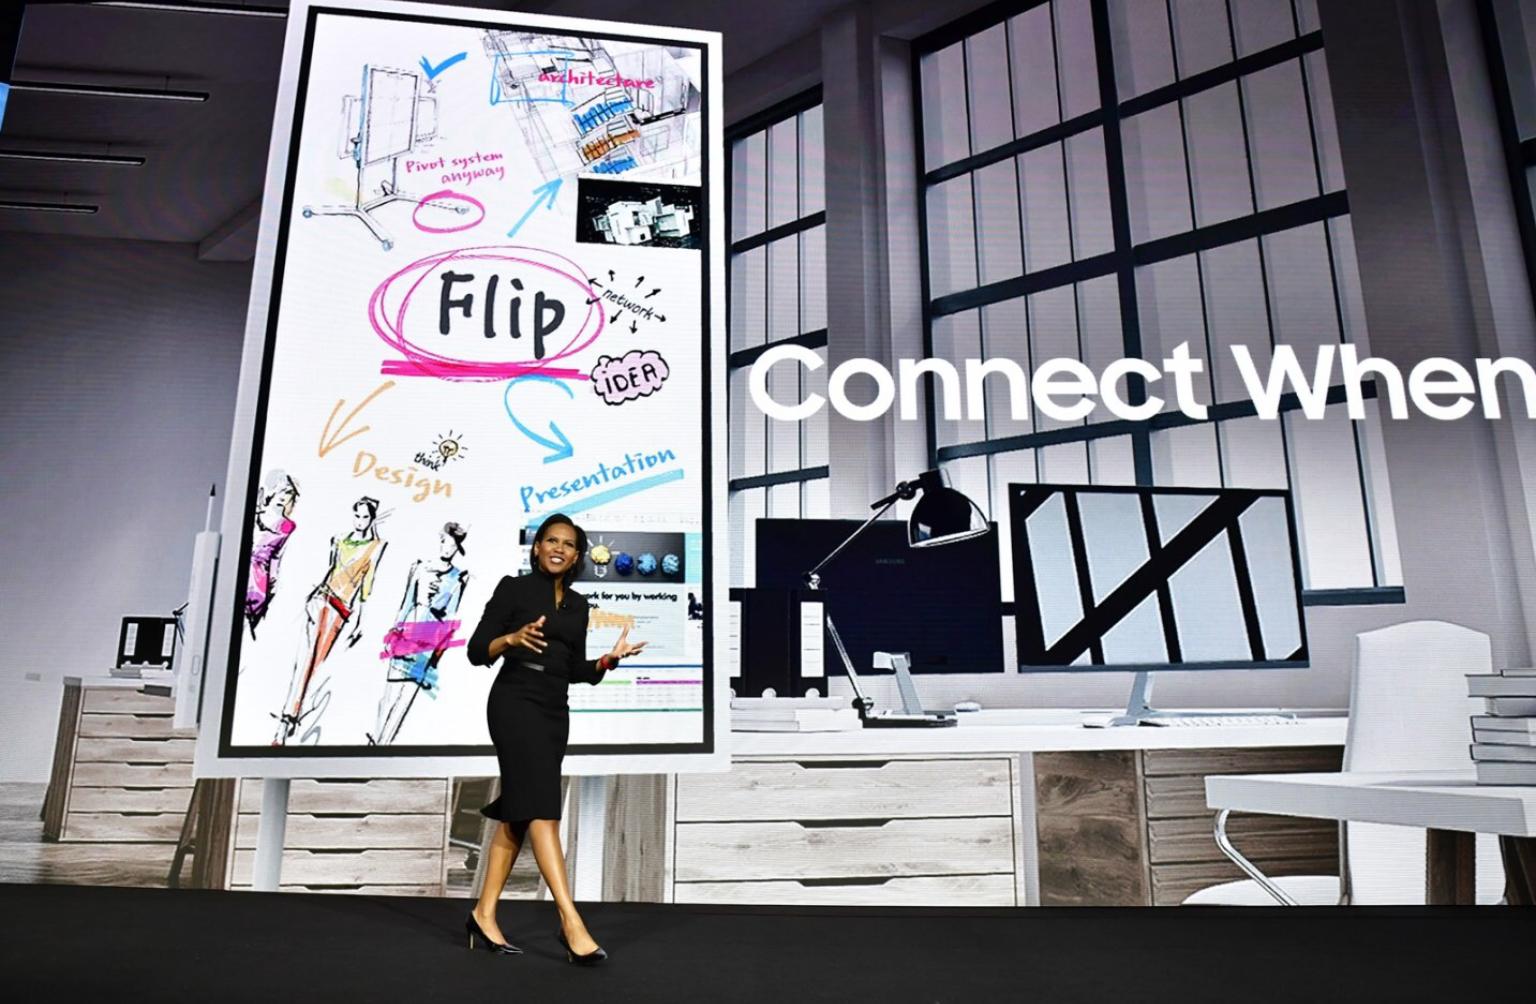 Samsung упрощает повседневную жизнь с помощью IoT